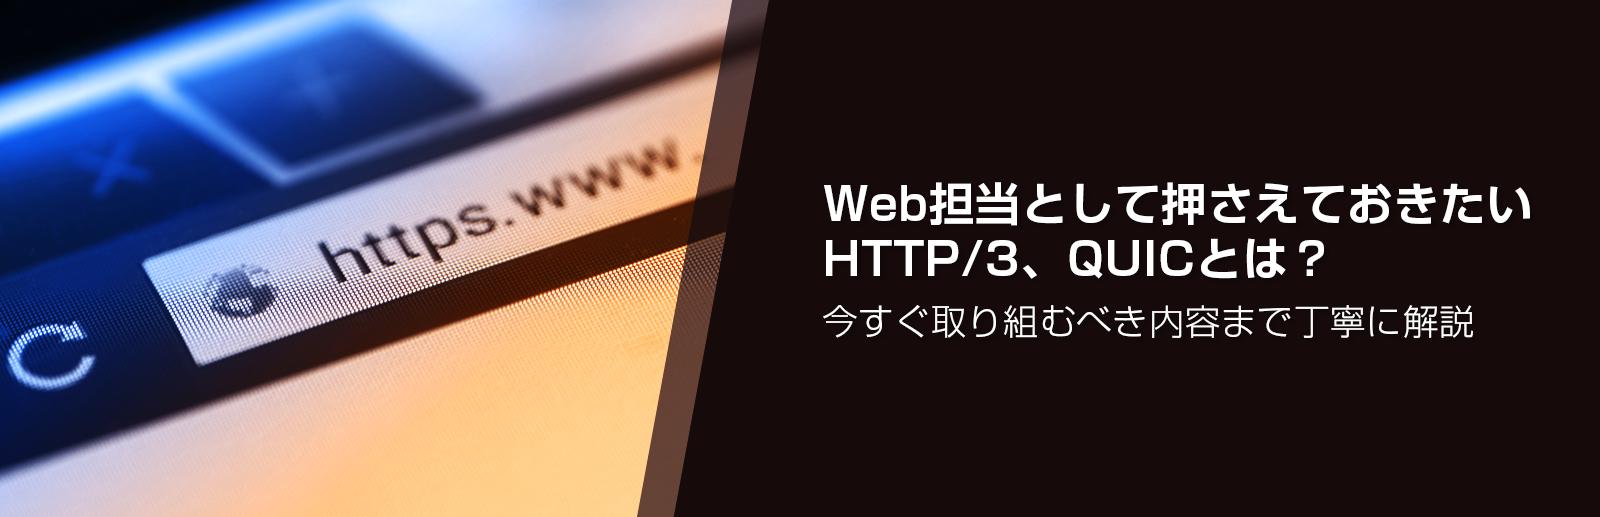 Web担当として押さえておきたいHTTP/3、QUICとは?今すぐ取り組むべき内容まで丁寧に解説